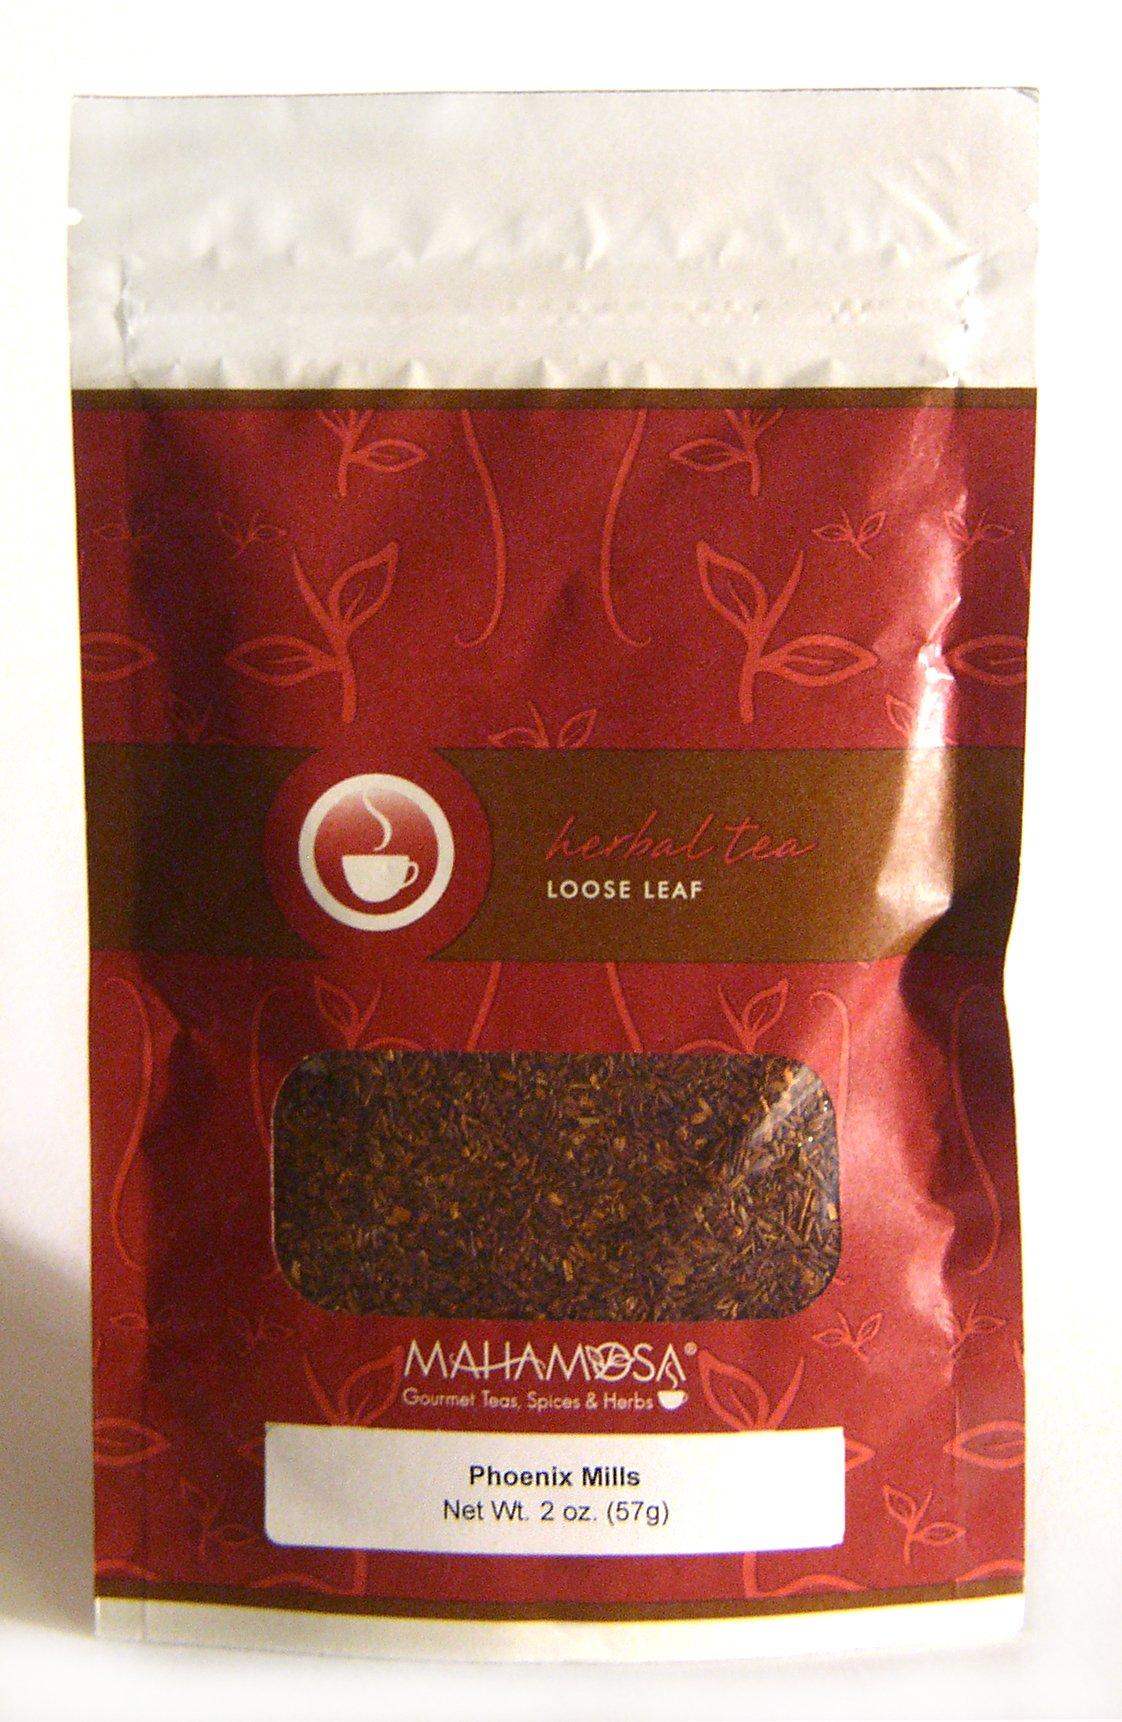 Mahamosa Phoenix Mills 2 oz (Vanilla, Caramel, Honey) - Rooibos Herbal Tea Blend Loose Leaf (Looseleaf), Dessert Tea